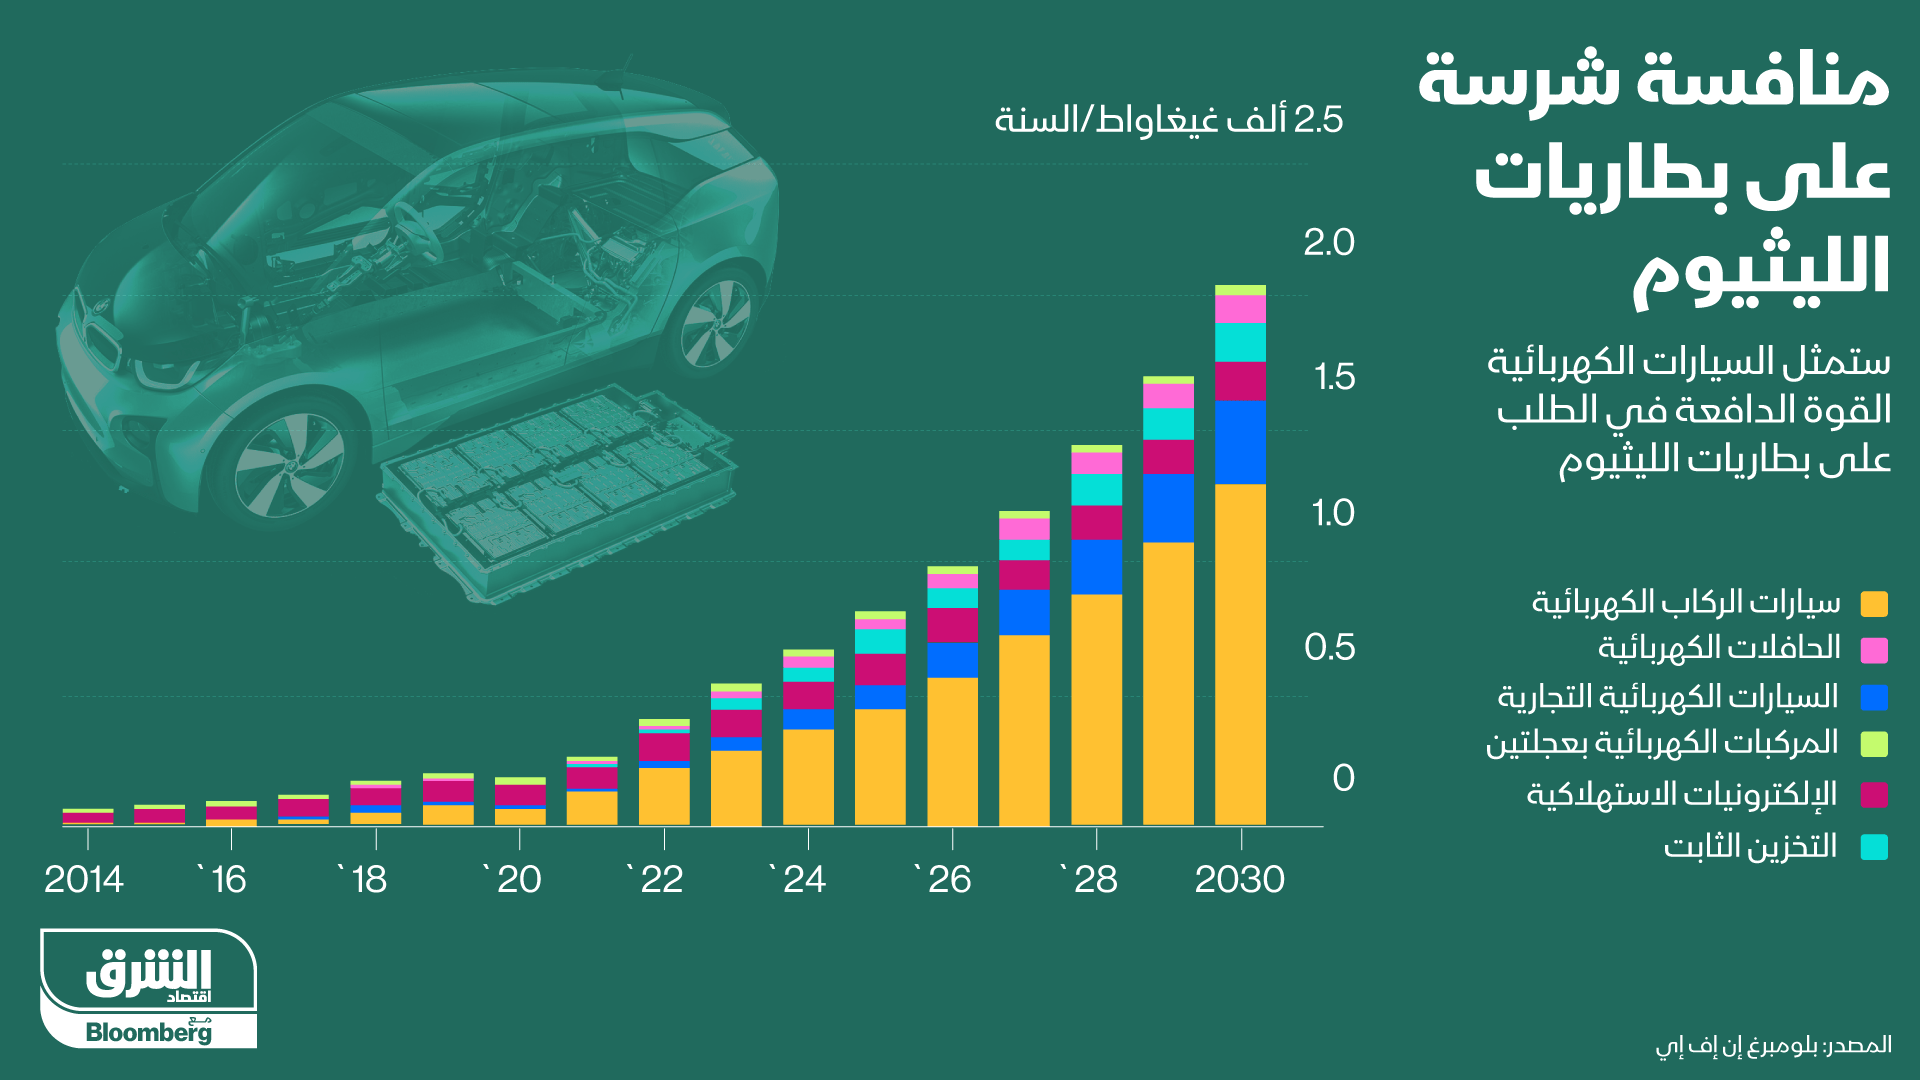 منافسة بين الشركات لتأمين النيكل من أجل تصنيع البطاريات اللازمة للسيارات الكهربائية